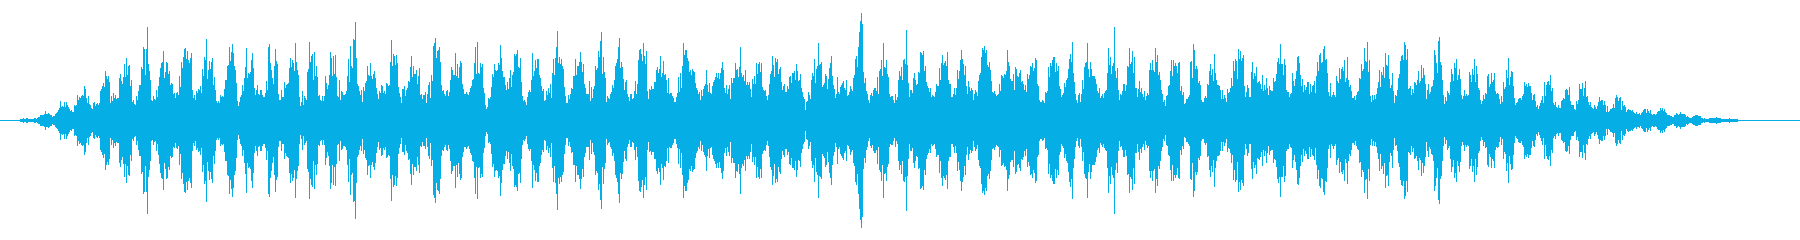 カエル/田舎/梅雨(10秒Ver.)の再生済みの波形